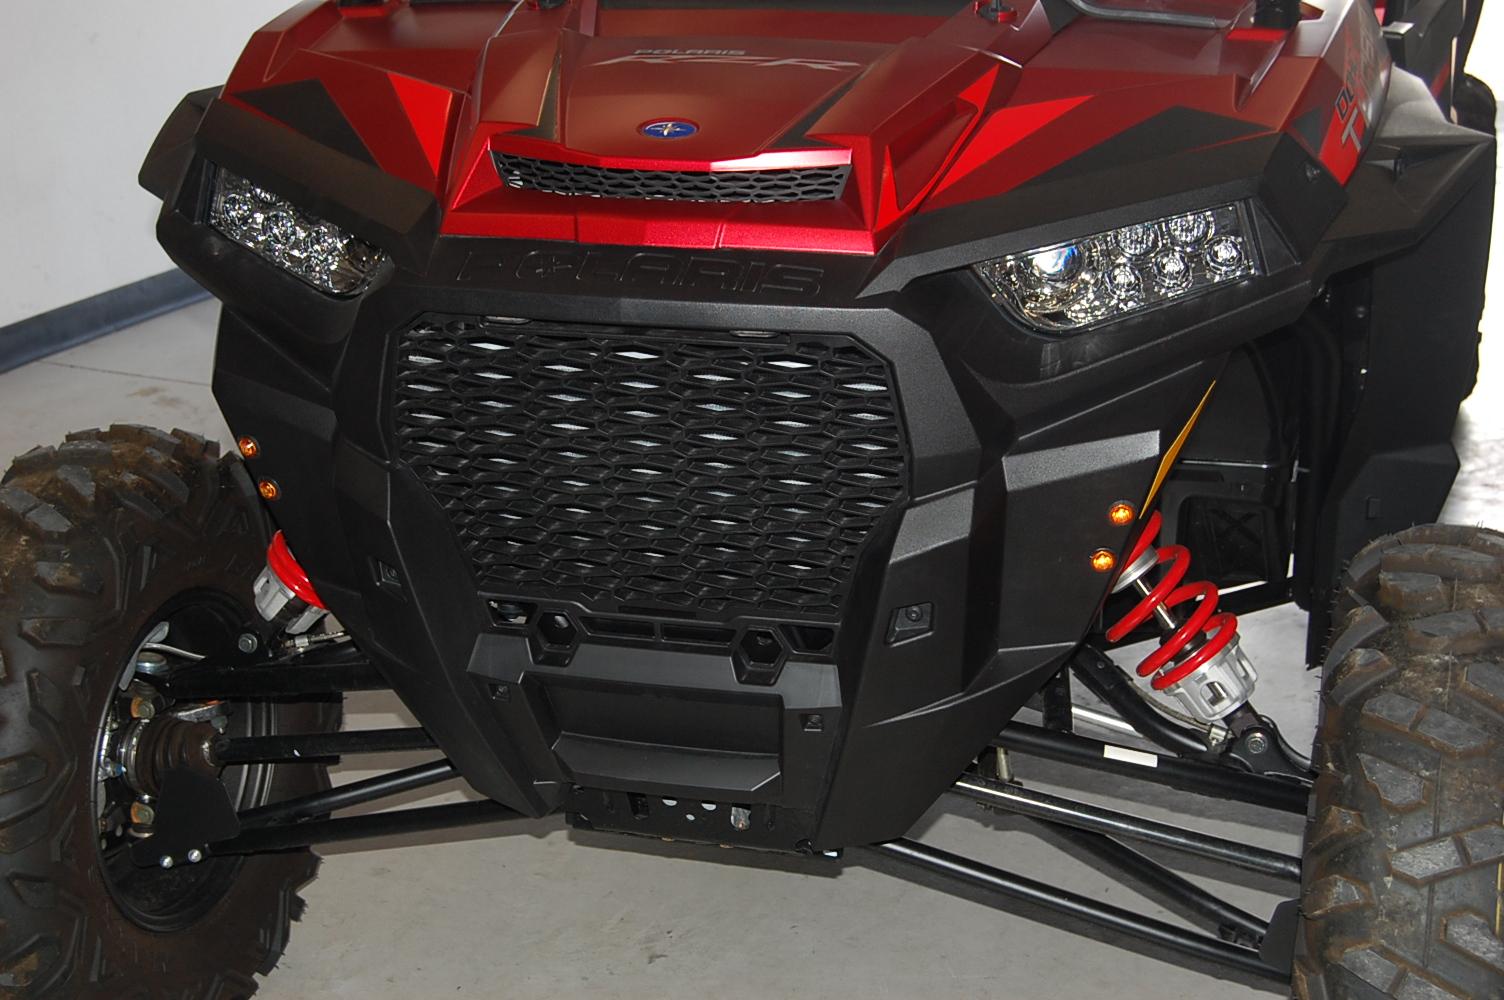 Polaris Rzr 900 1000 Turbo Led Turn Signal Kit Ts335 Vic